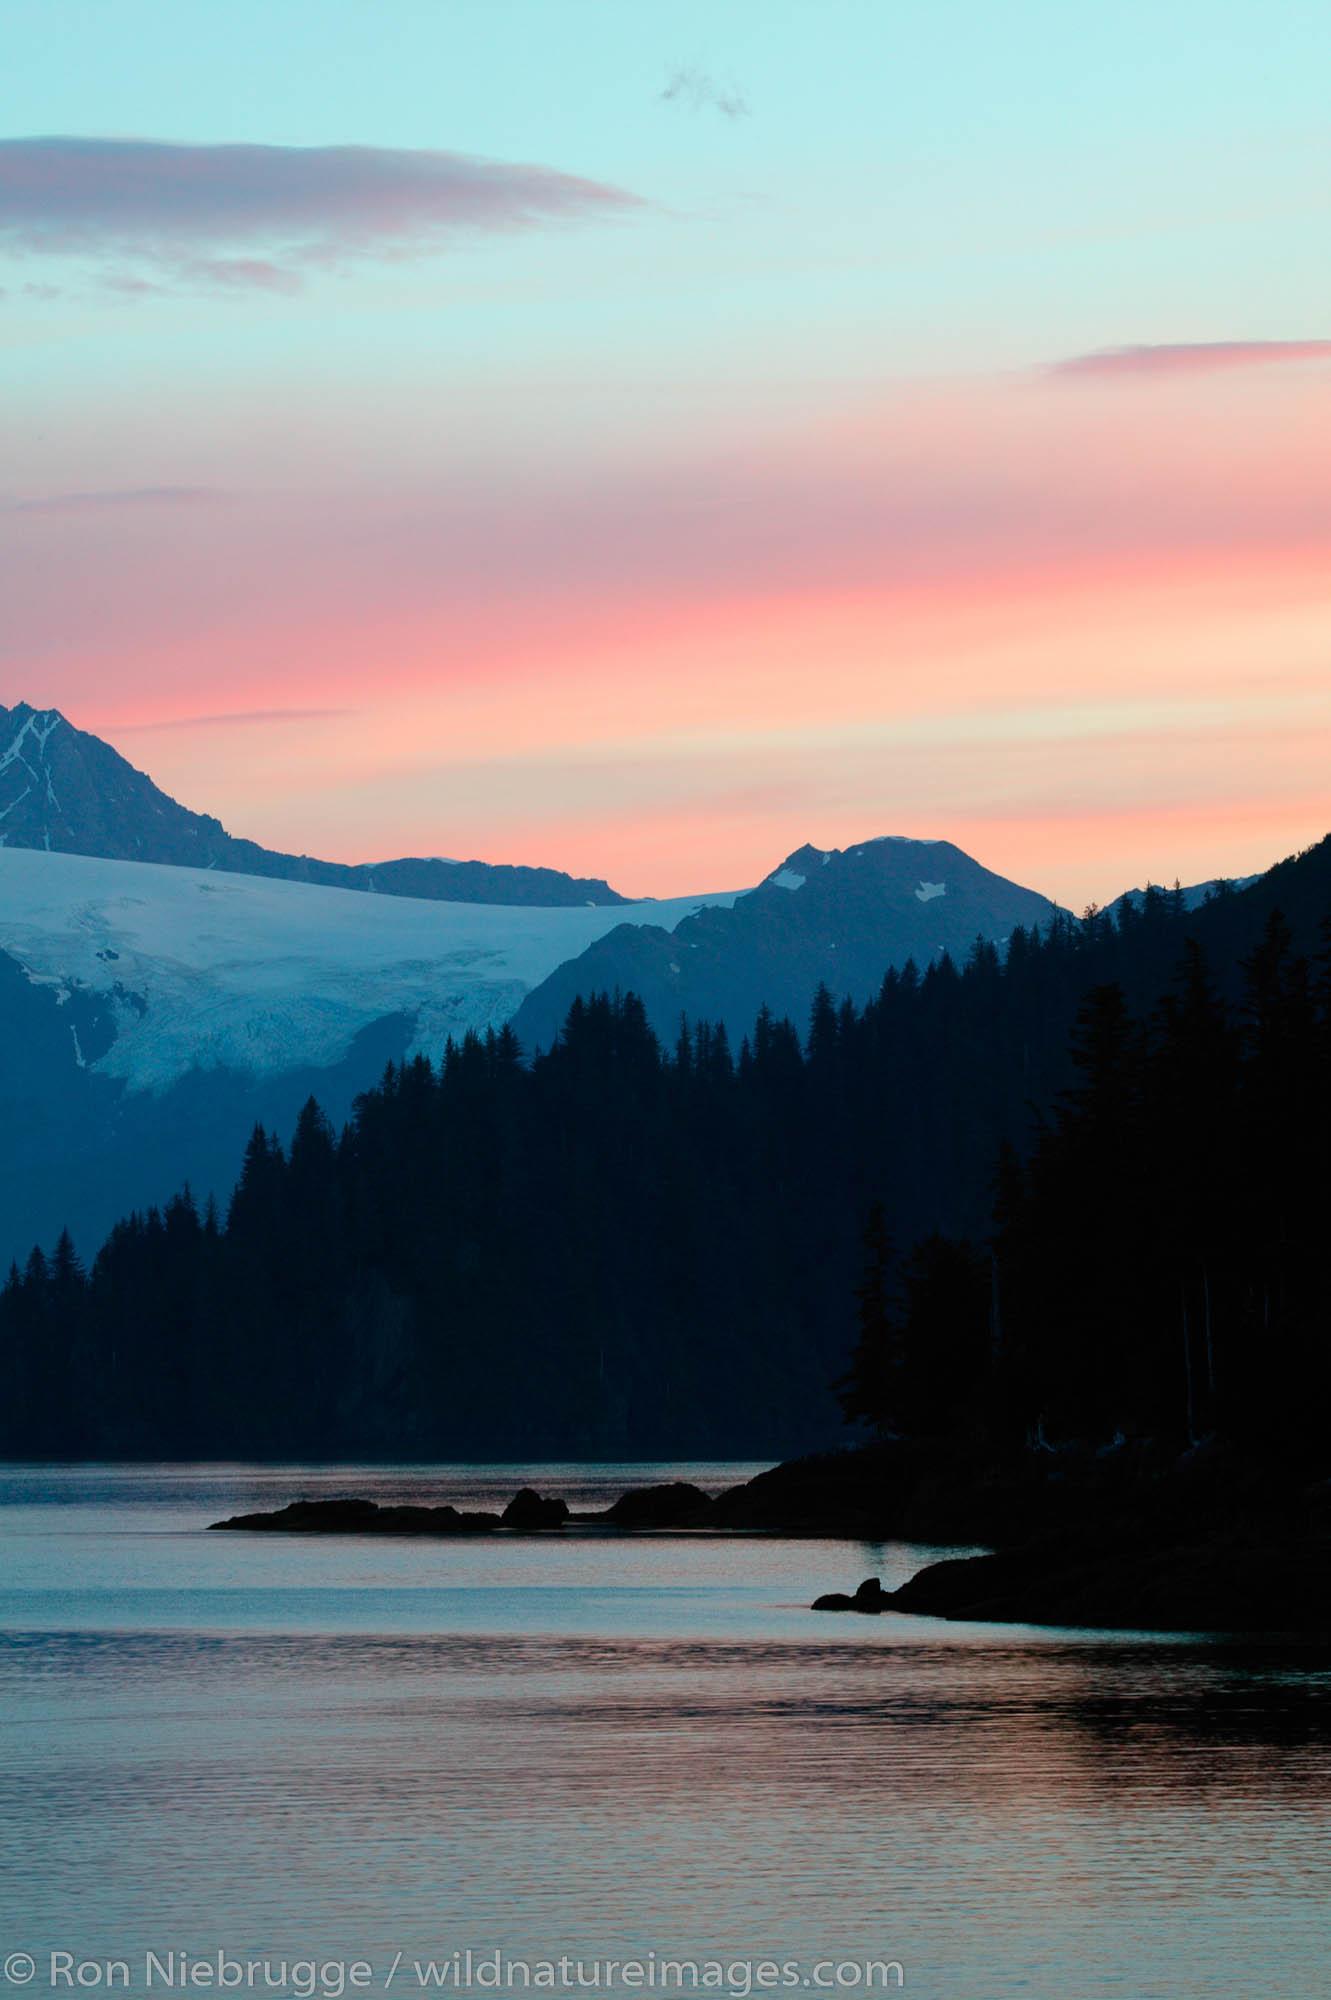 Sunrise in Aialik Bay, Kenai Fjords National Park, Alaska.